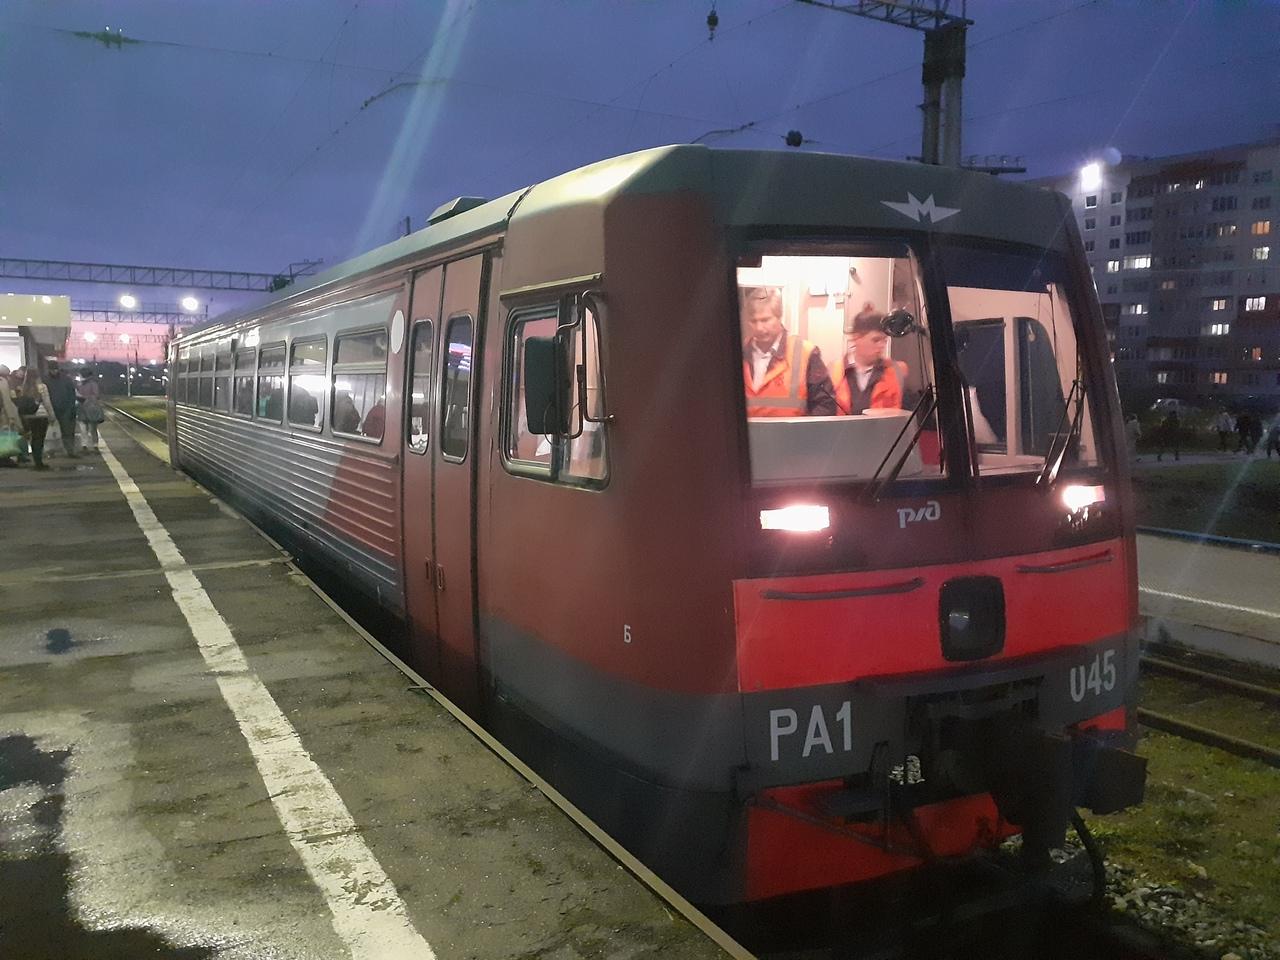 Дизель РА1 (Рельсовый автобус) - самый маленький поезд в России. Уютно и практично.